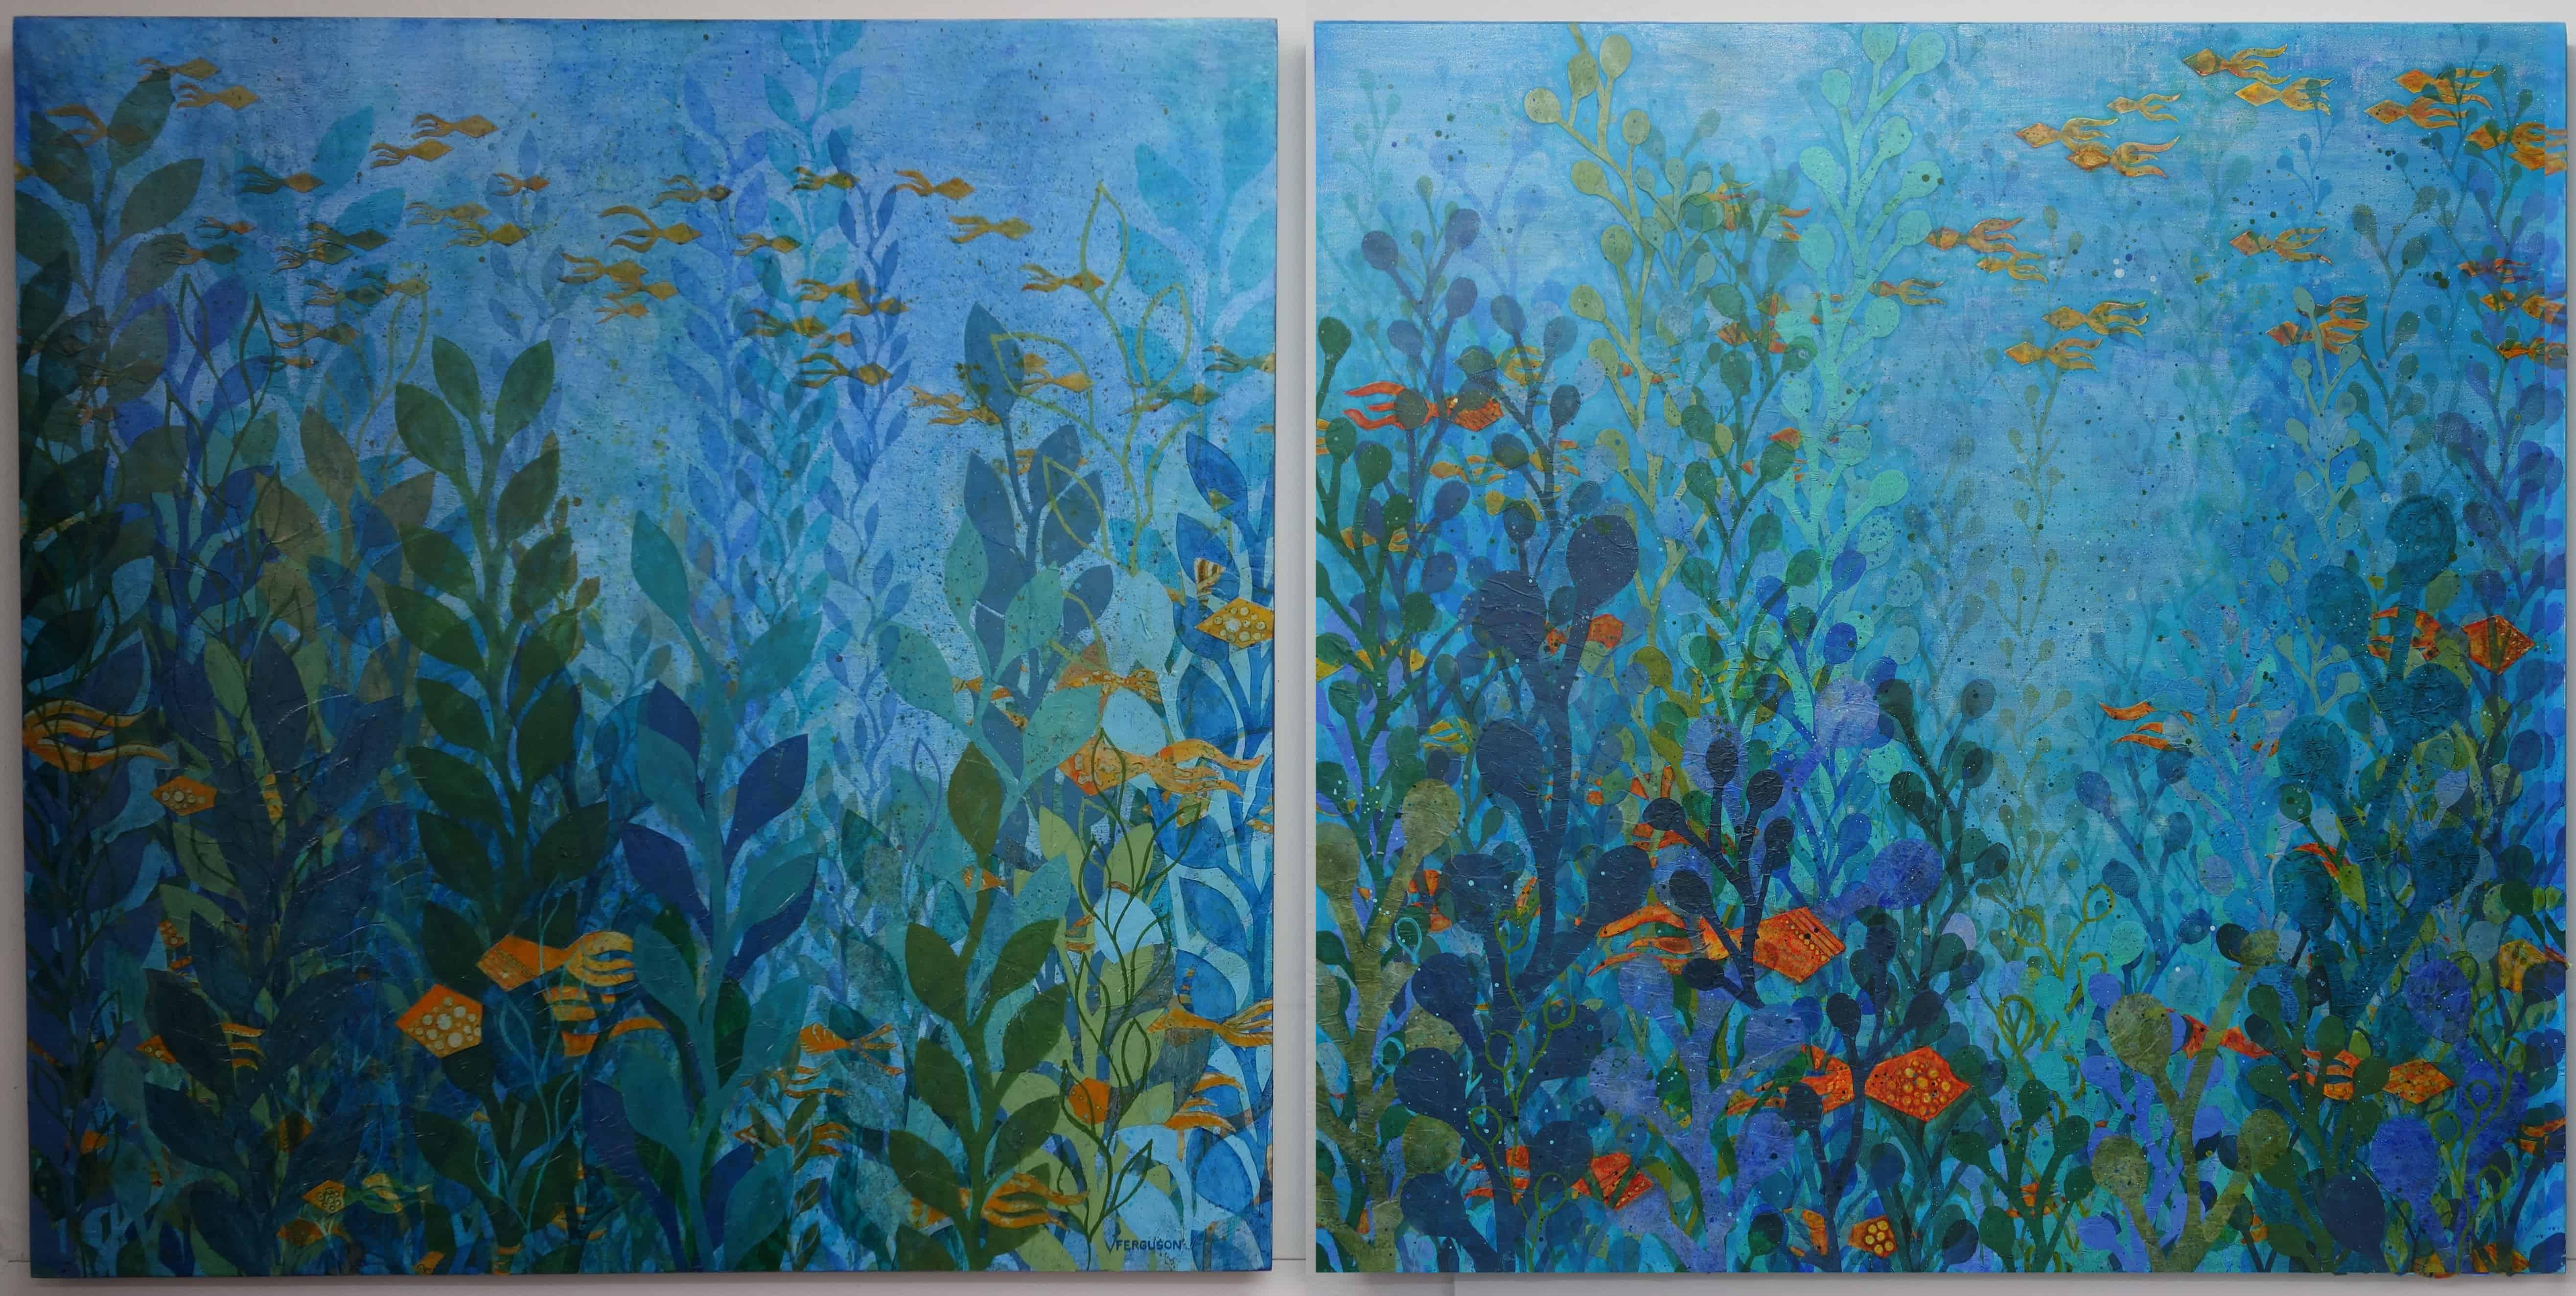 Pair of Hide and Seek paintings